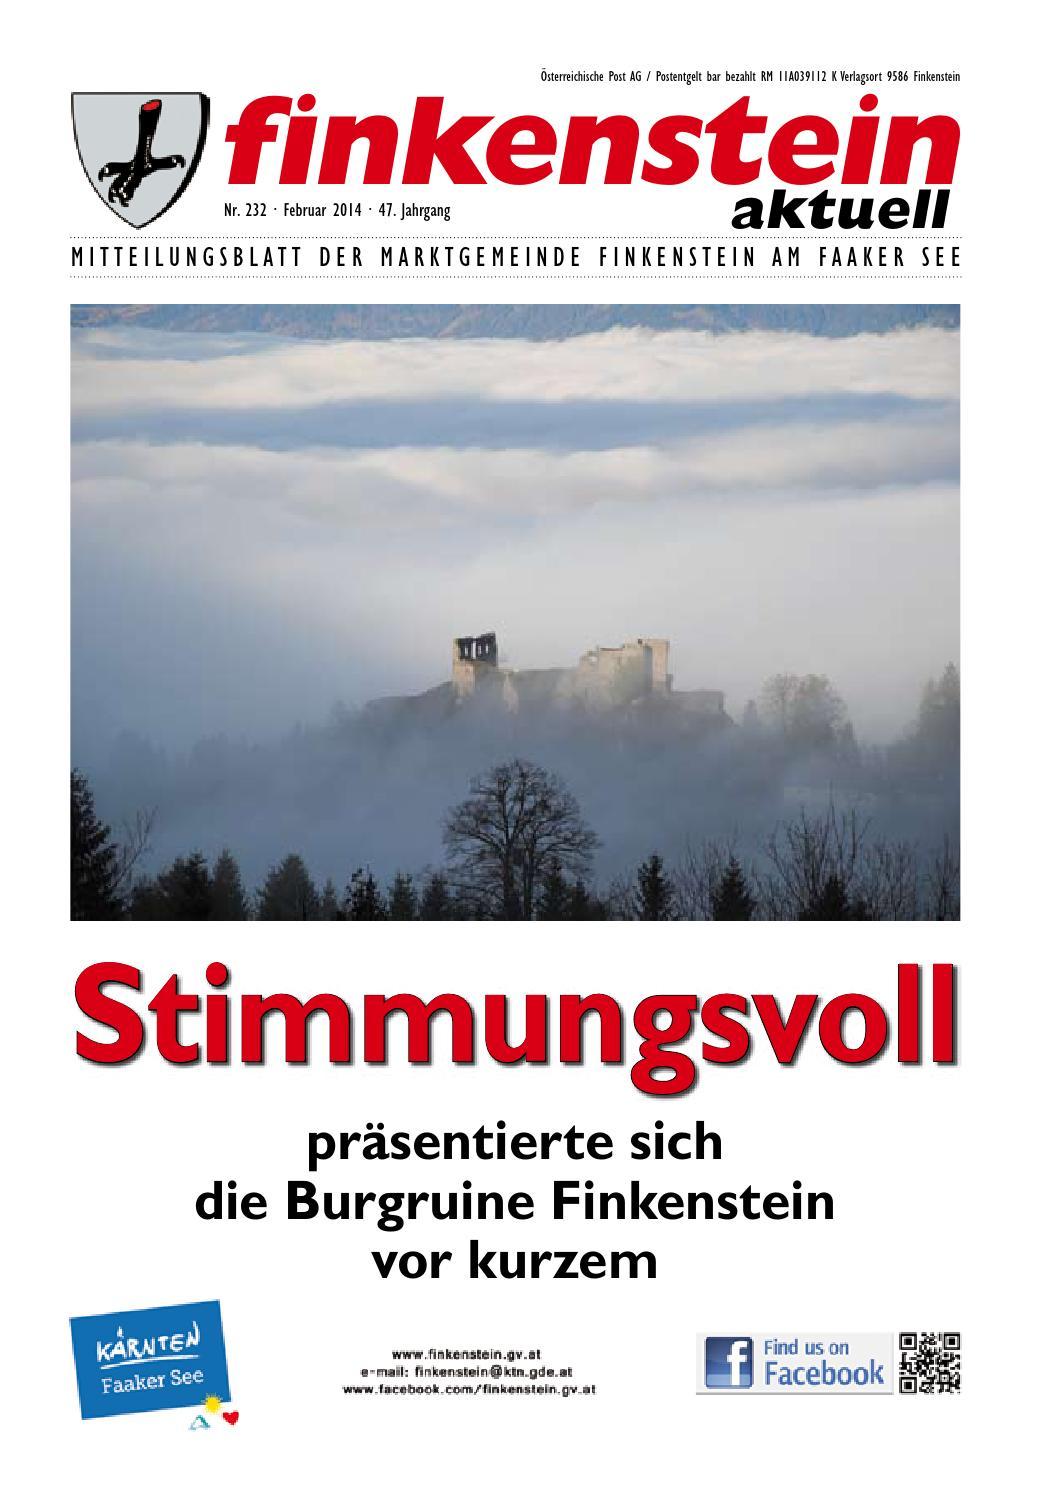 Finkenstein am Faaker See - Thema auf omr-software.com